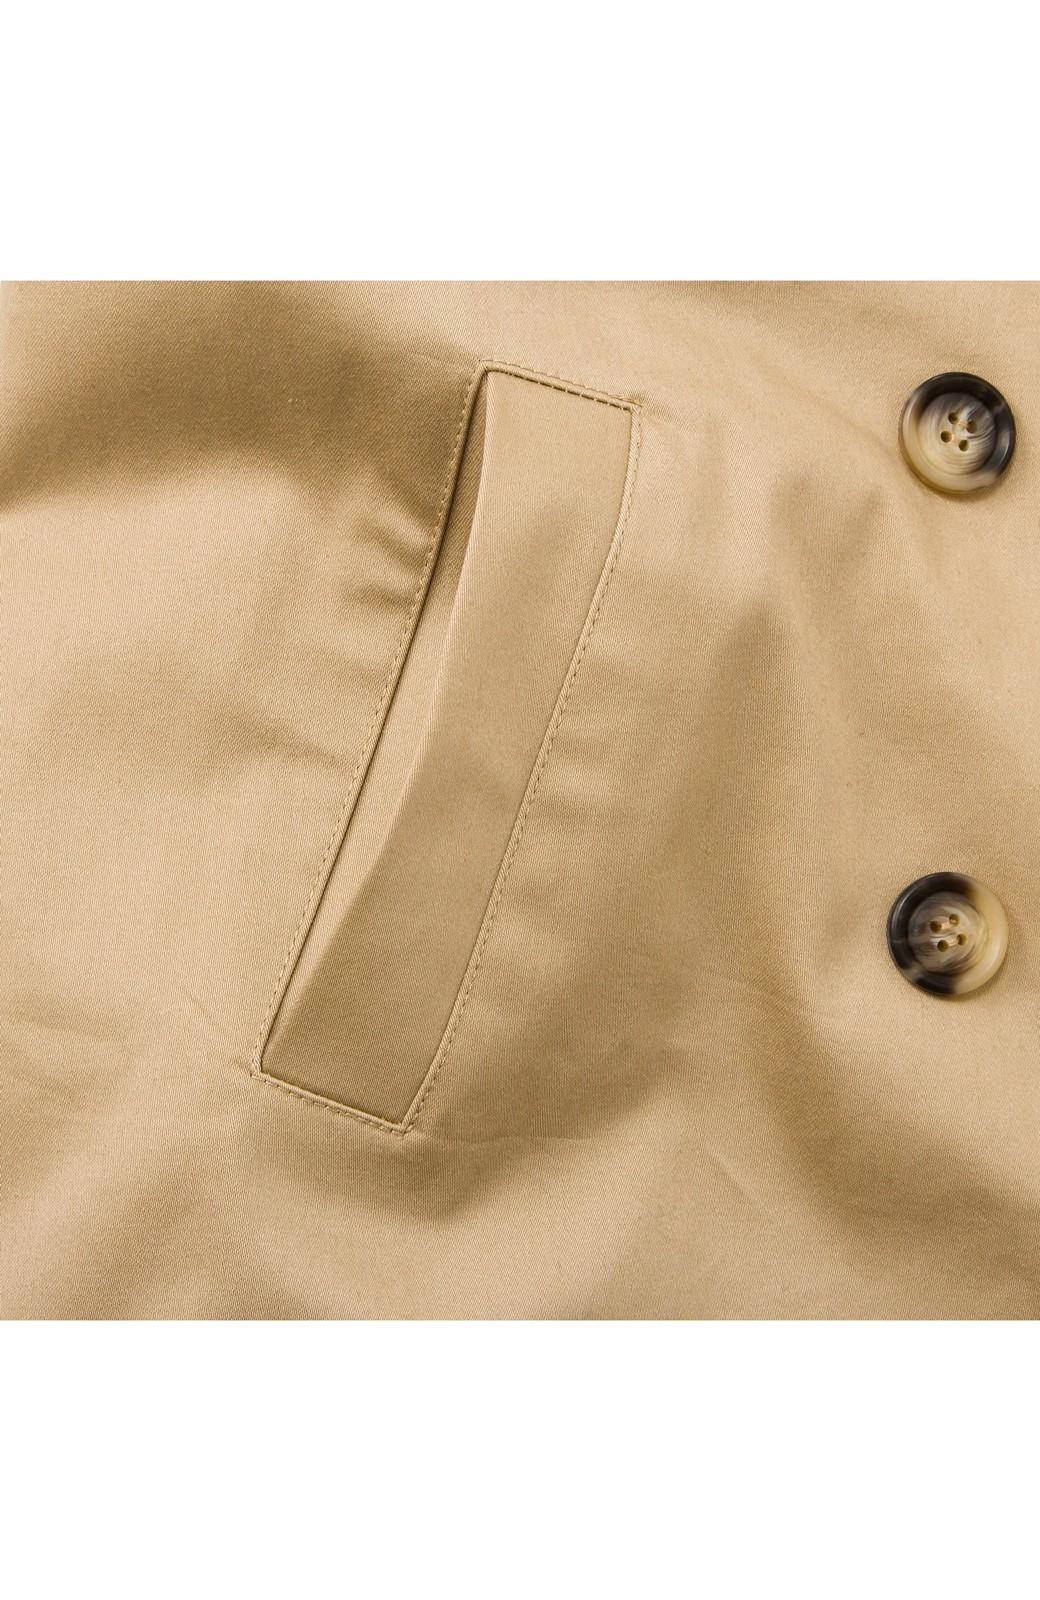 ロジーズ こっそりチェックがかわいいテーラードロングコート <ベージュ>の商品写真7